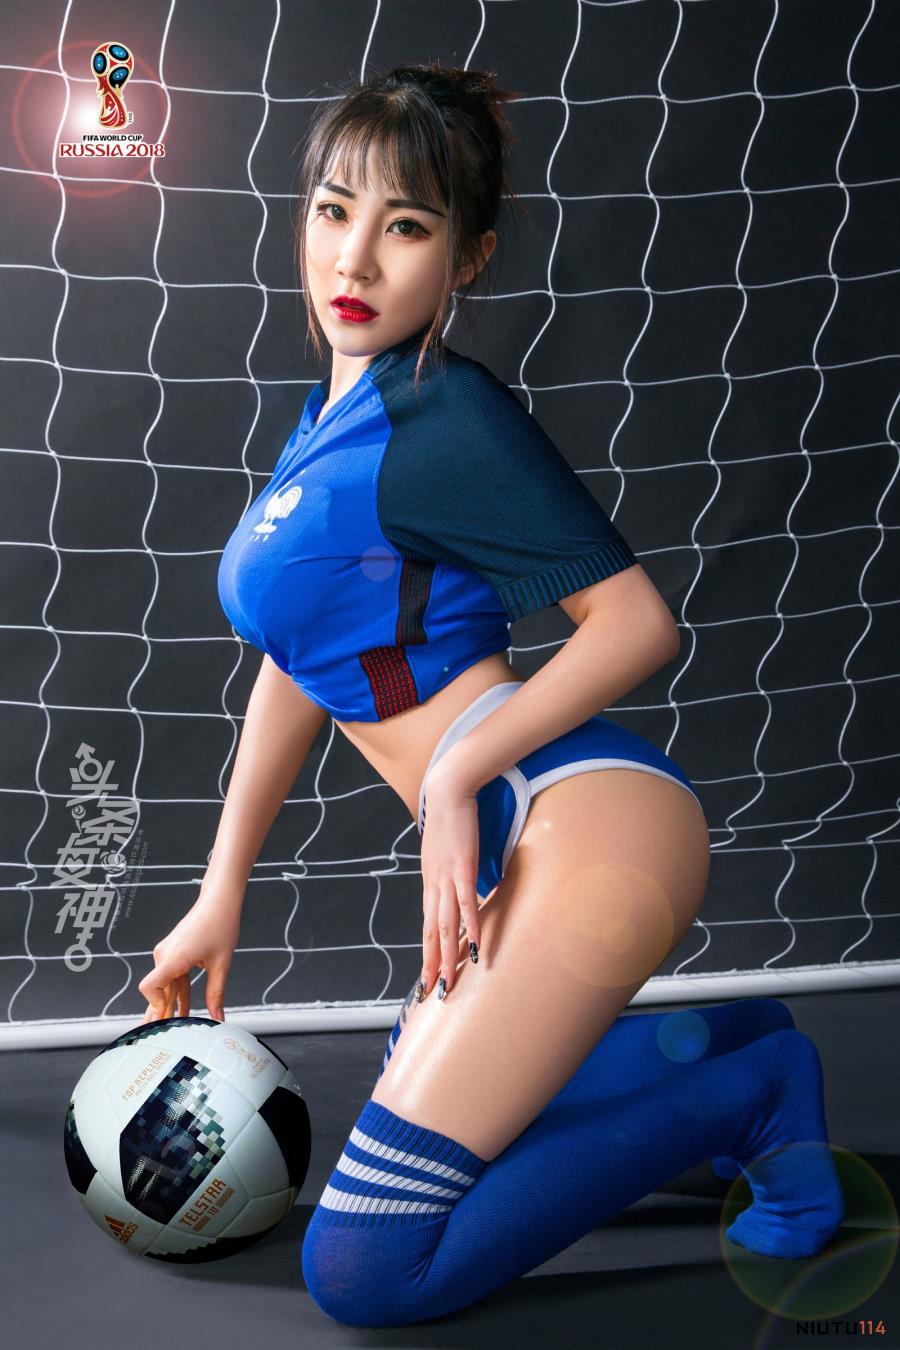 头条女神模特团团足球宝贝翘臀诱人爆乳女神高清写真图片